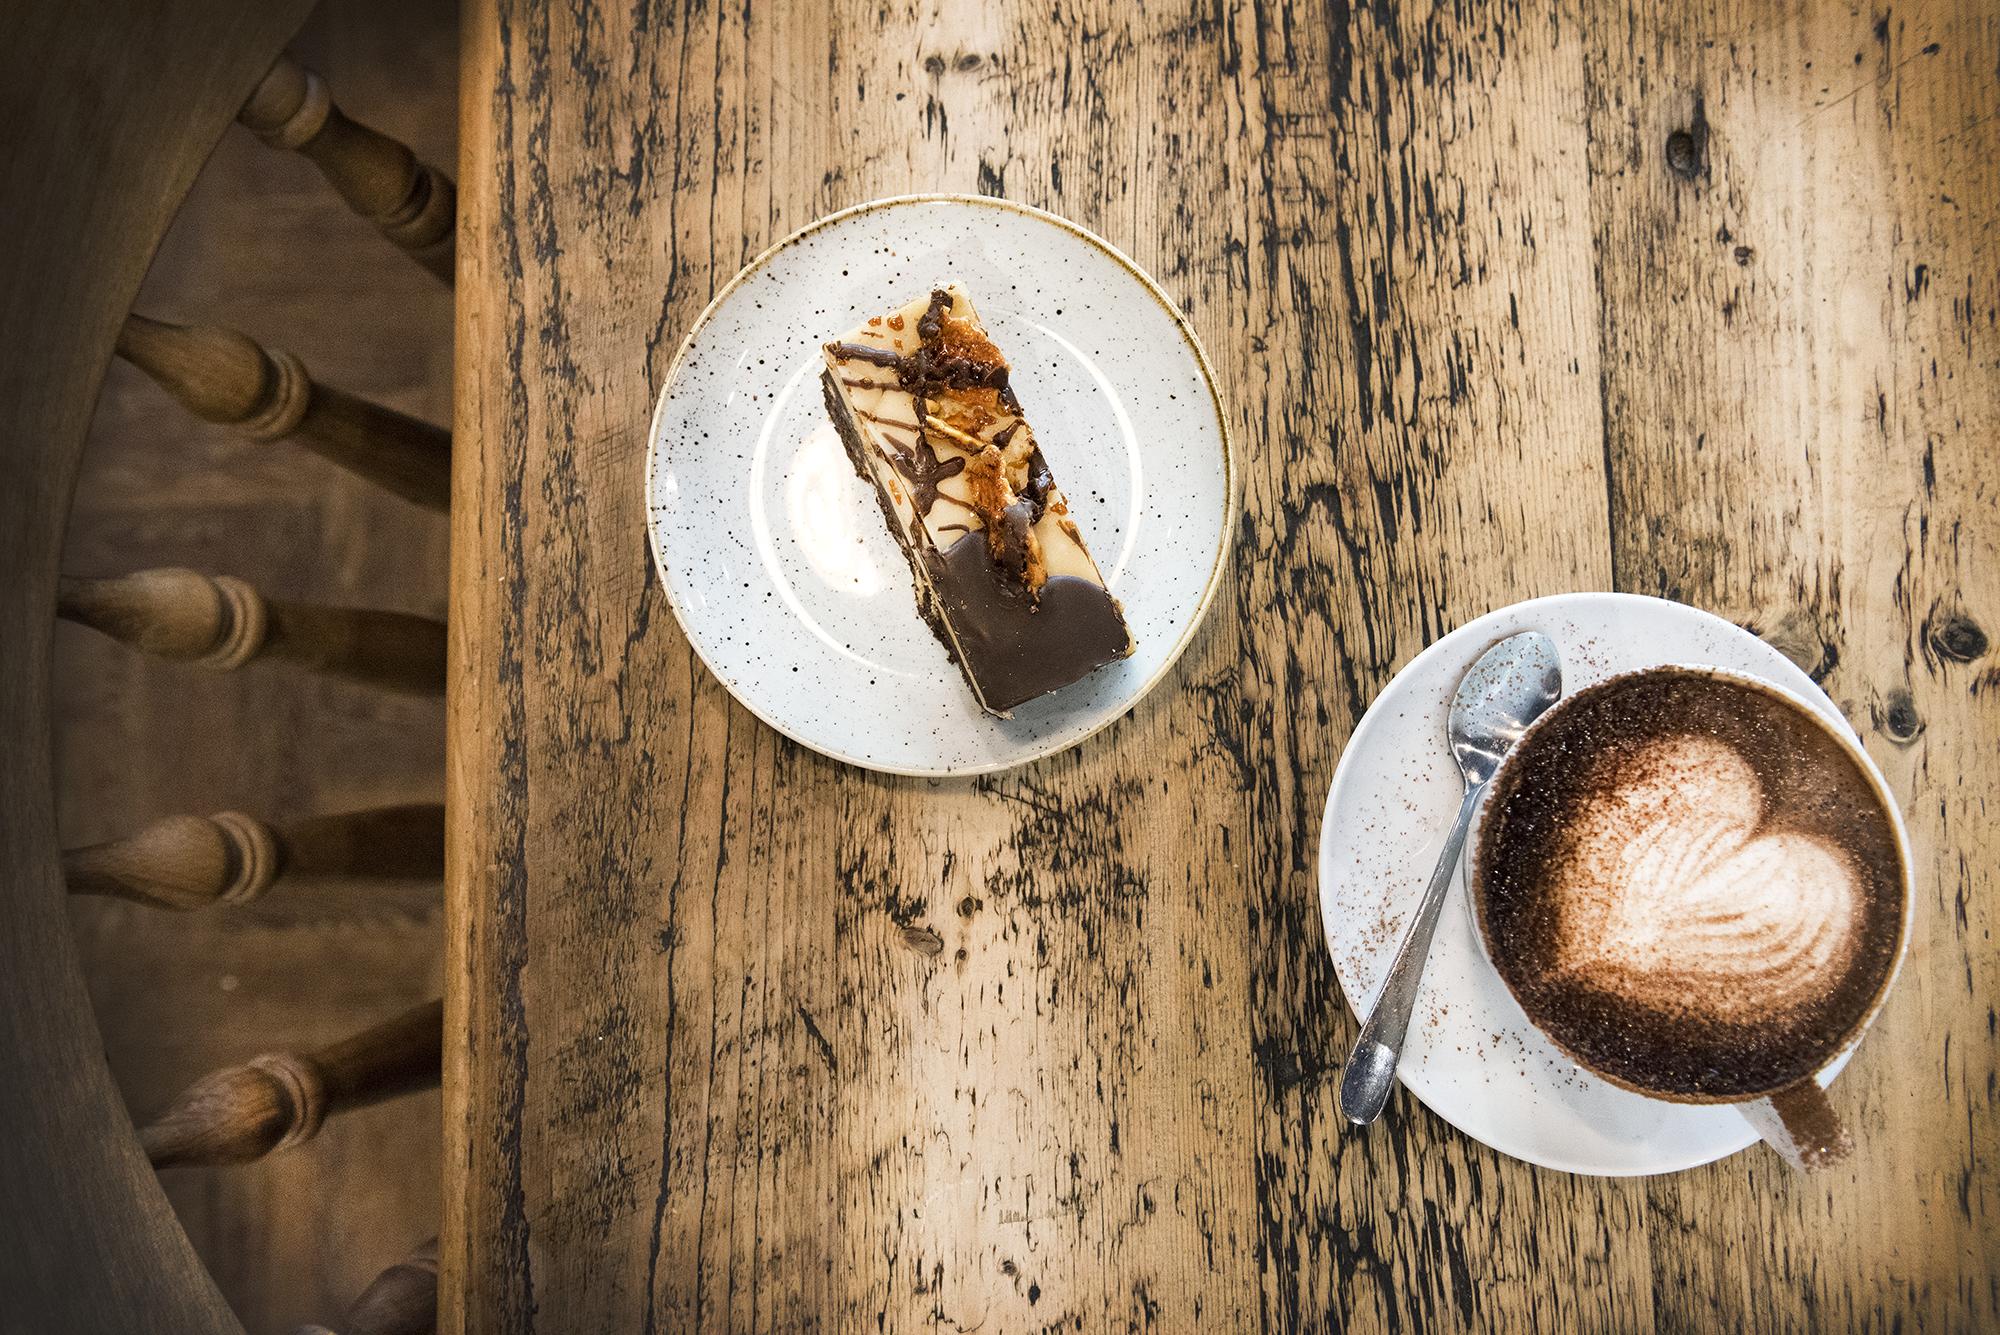 café milano meny